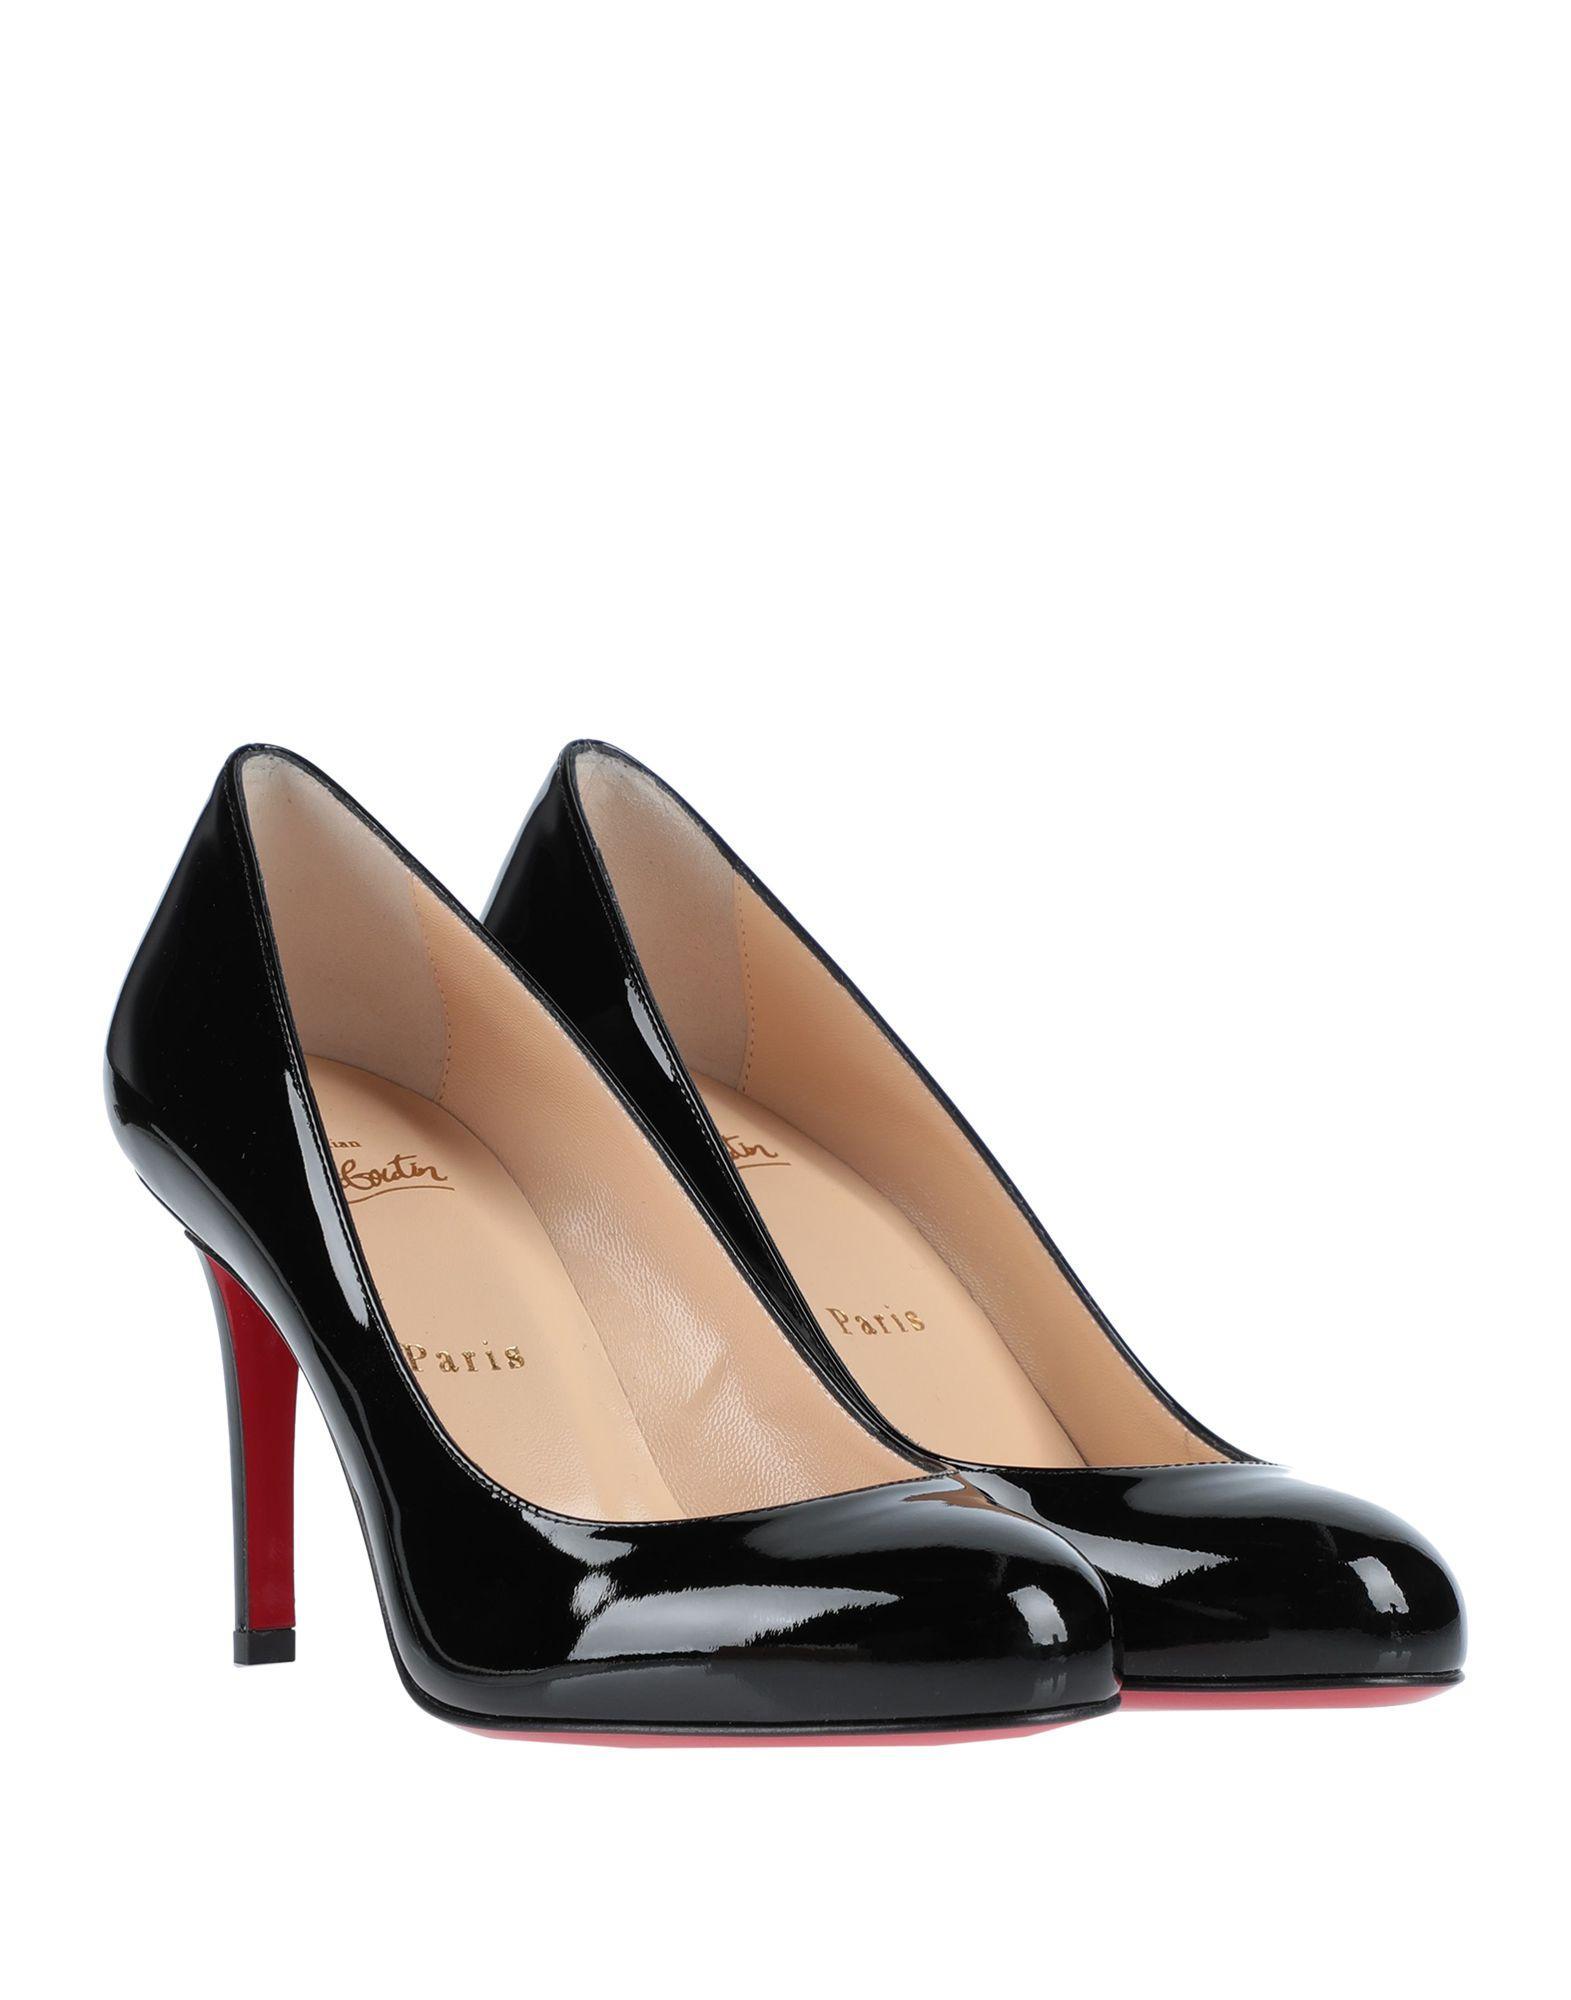 Zapatos de salón Christian Louboutin de Cuero de color Negro